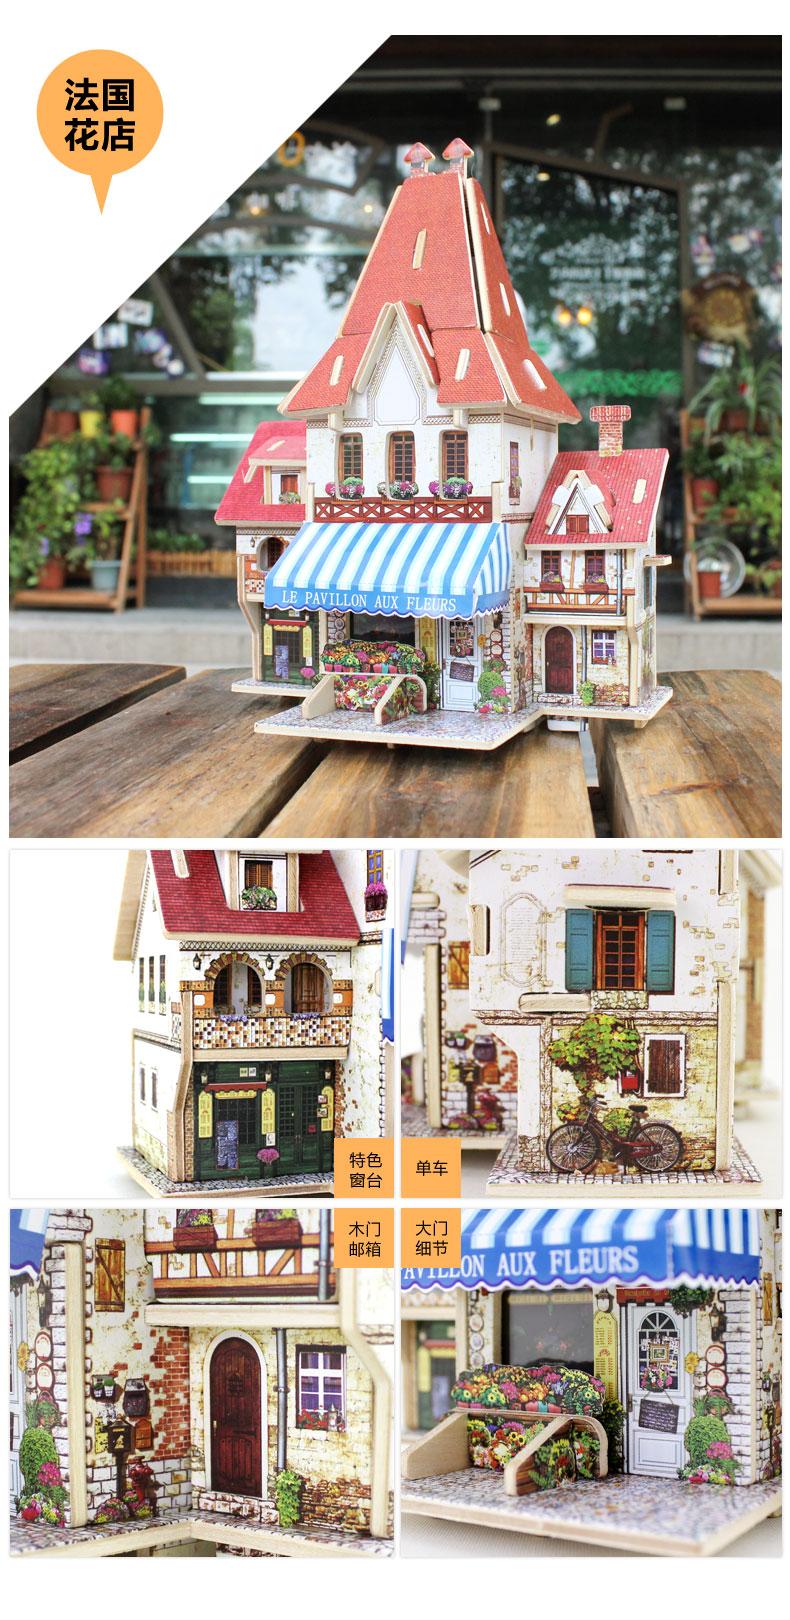 若态3d立体拼图世界风情系列木质小屋小房子别墅建筑模型拼装玩具益智